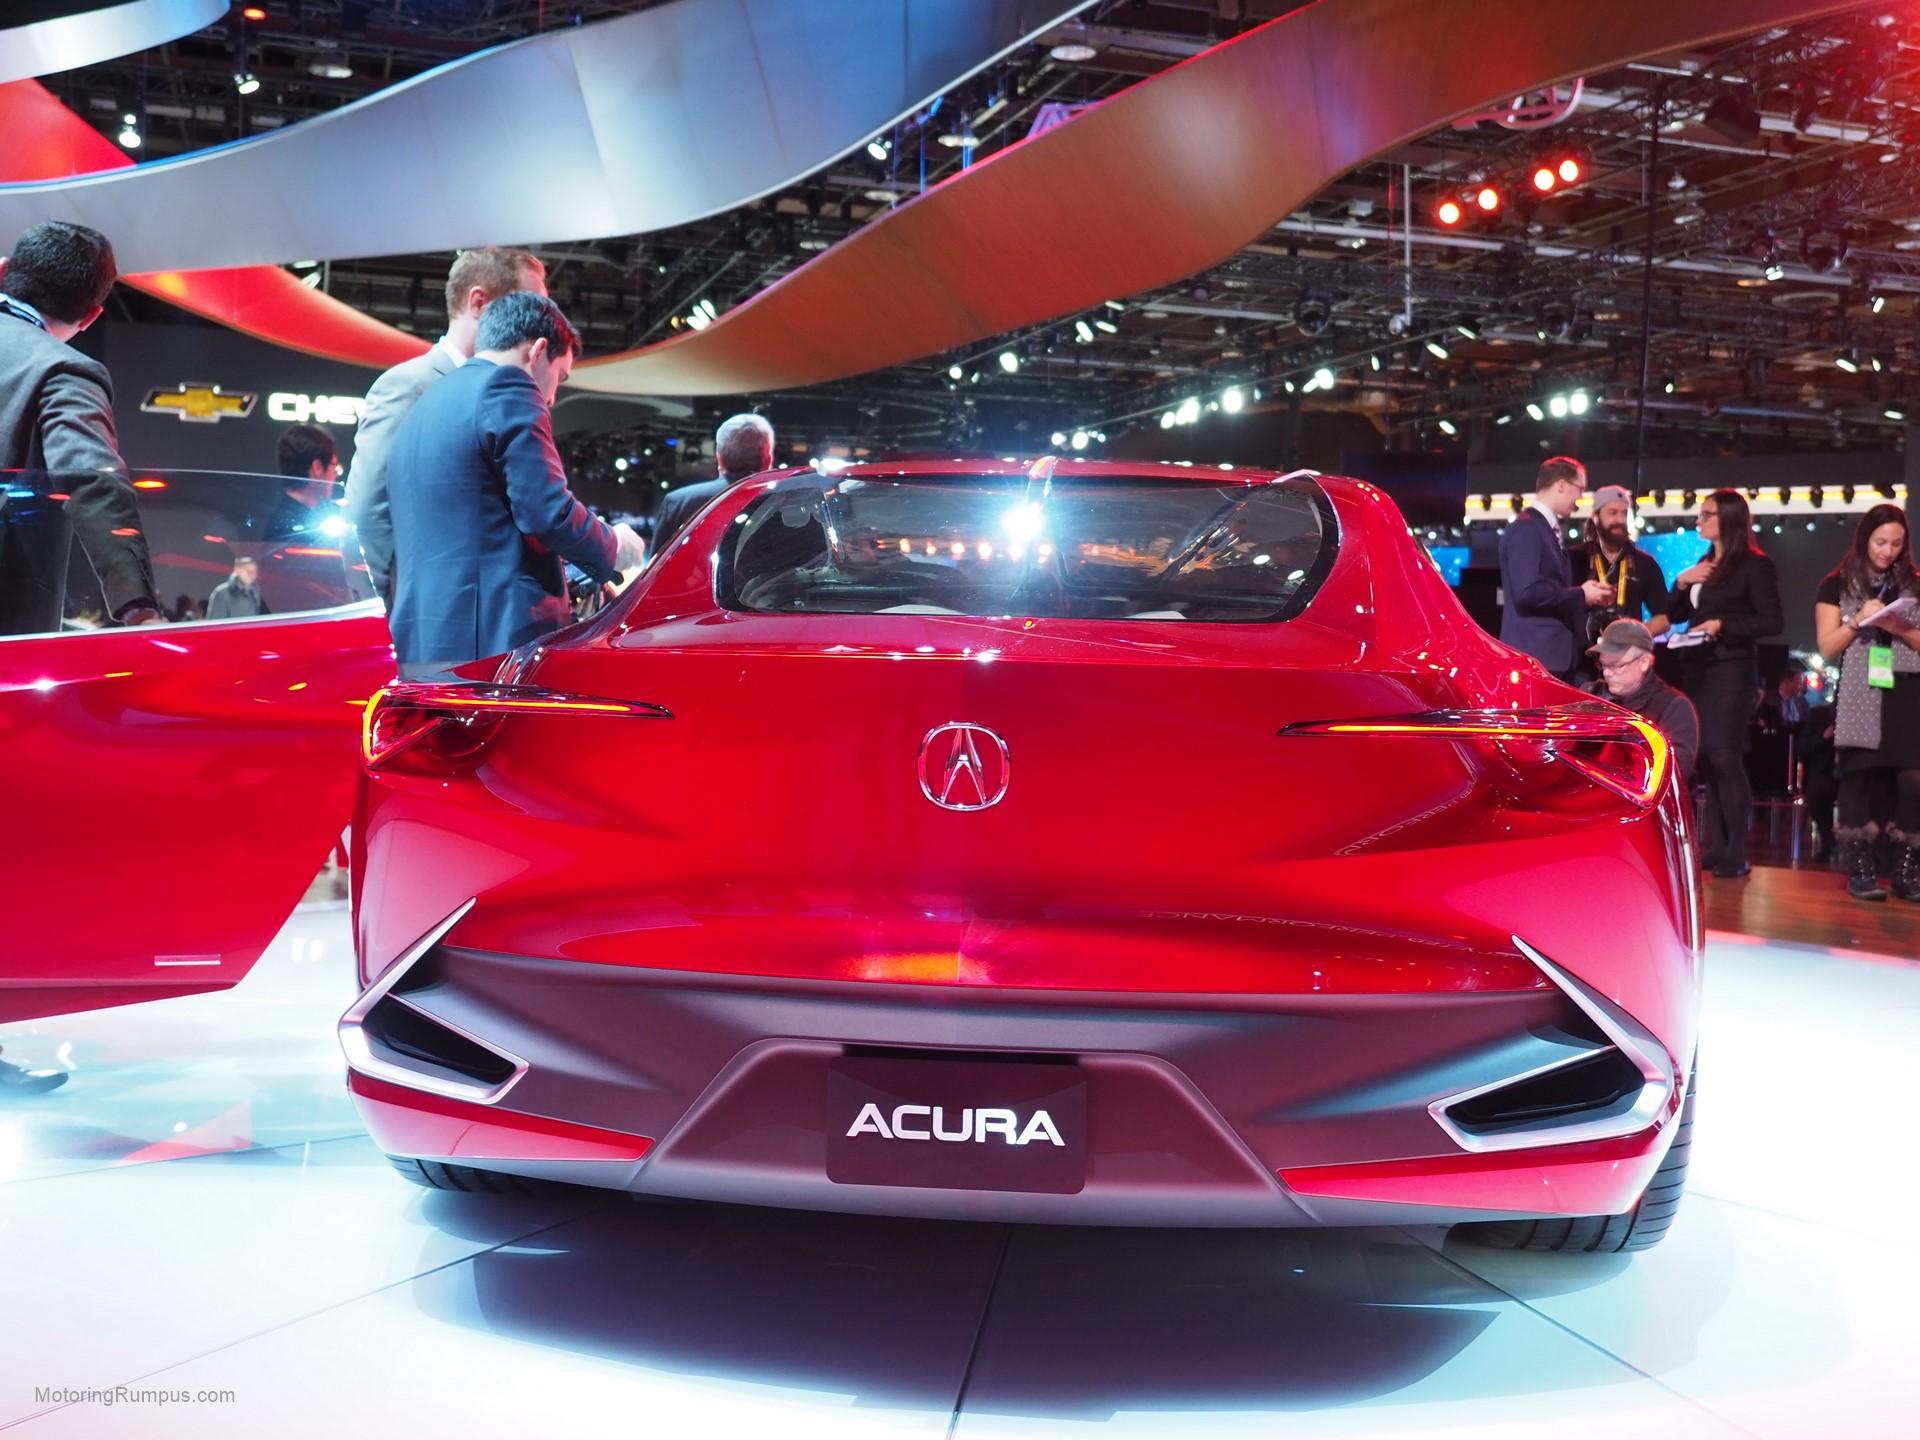 2016 Naias Acura Precision Concept Rear Motoring Rumpus